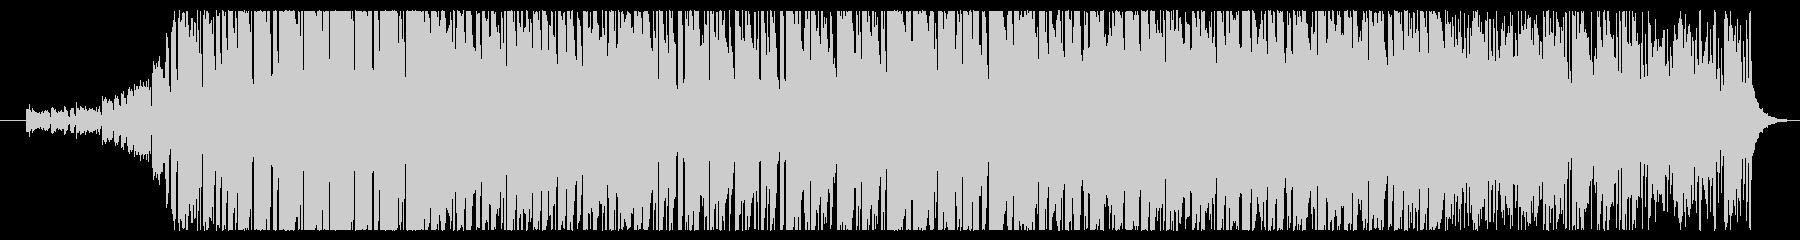 ゆる~いコミカルサウンドです。の未再生の波形